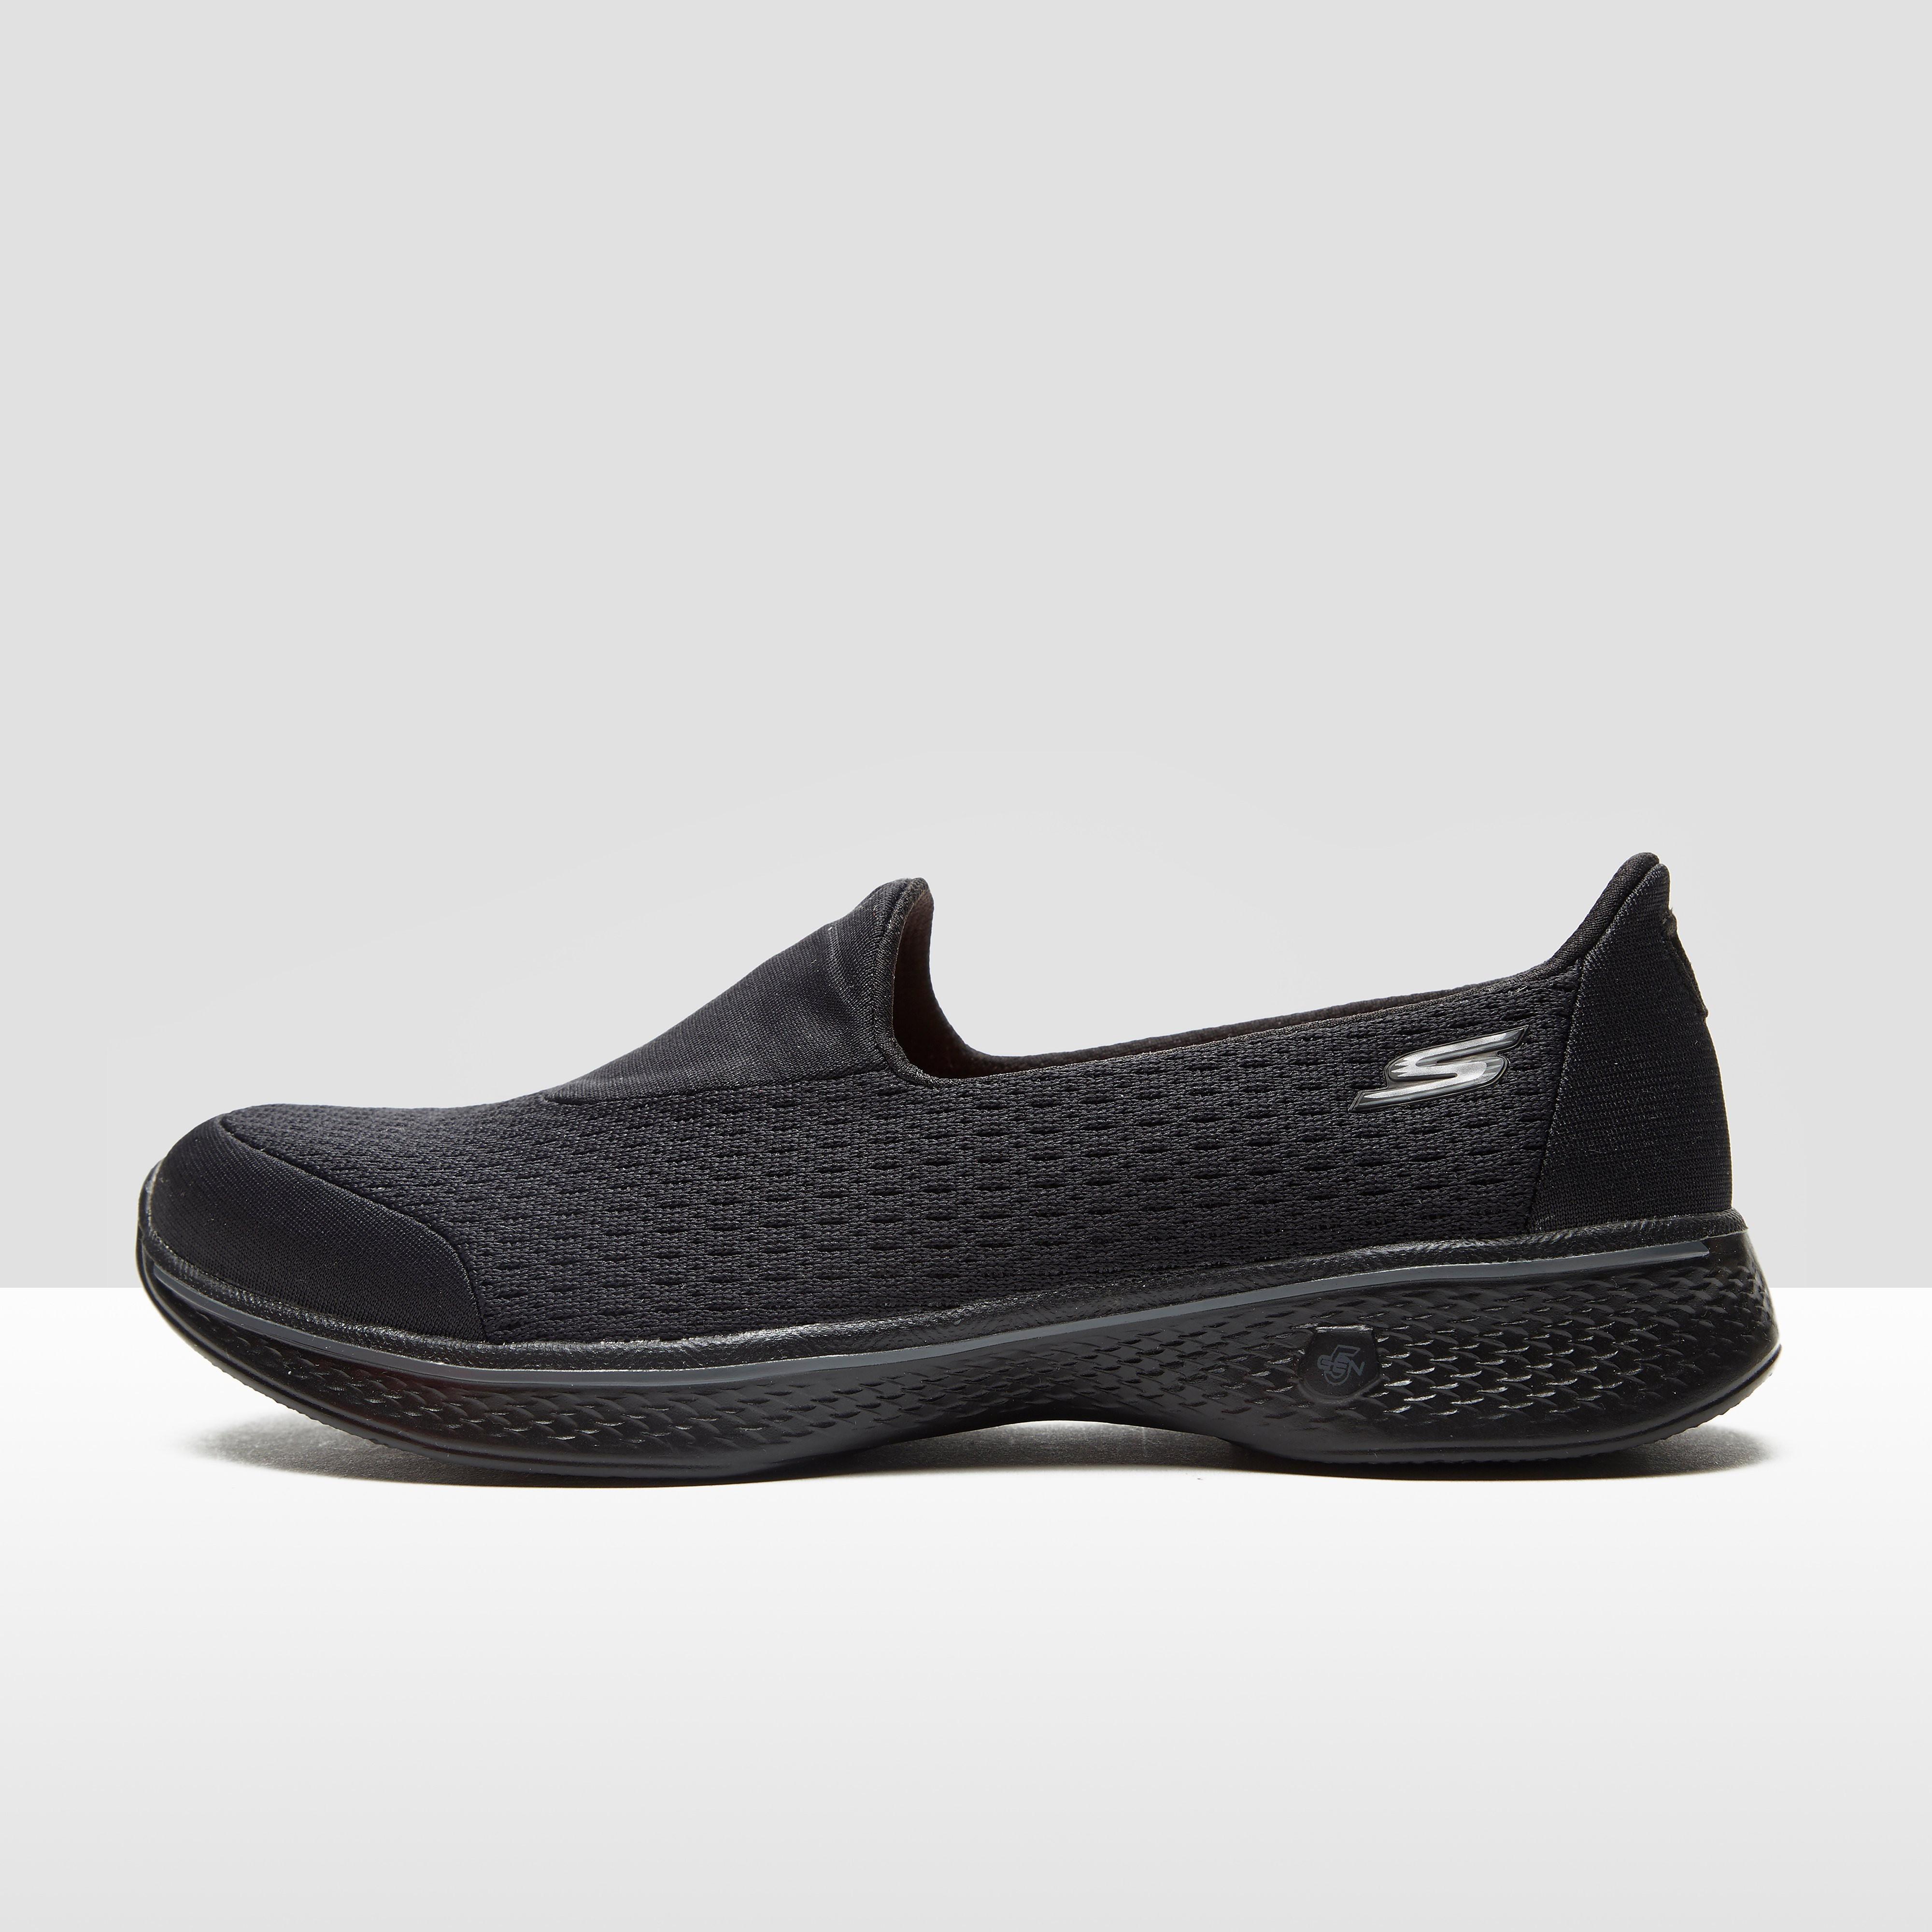 Skechers LTD GOwalk 4 Women's Casual Shoes